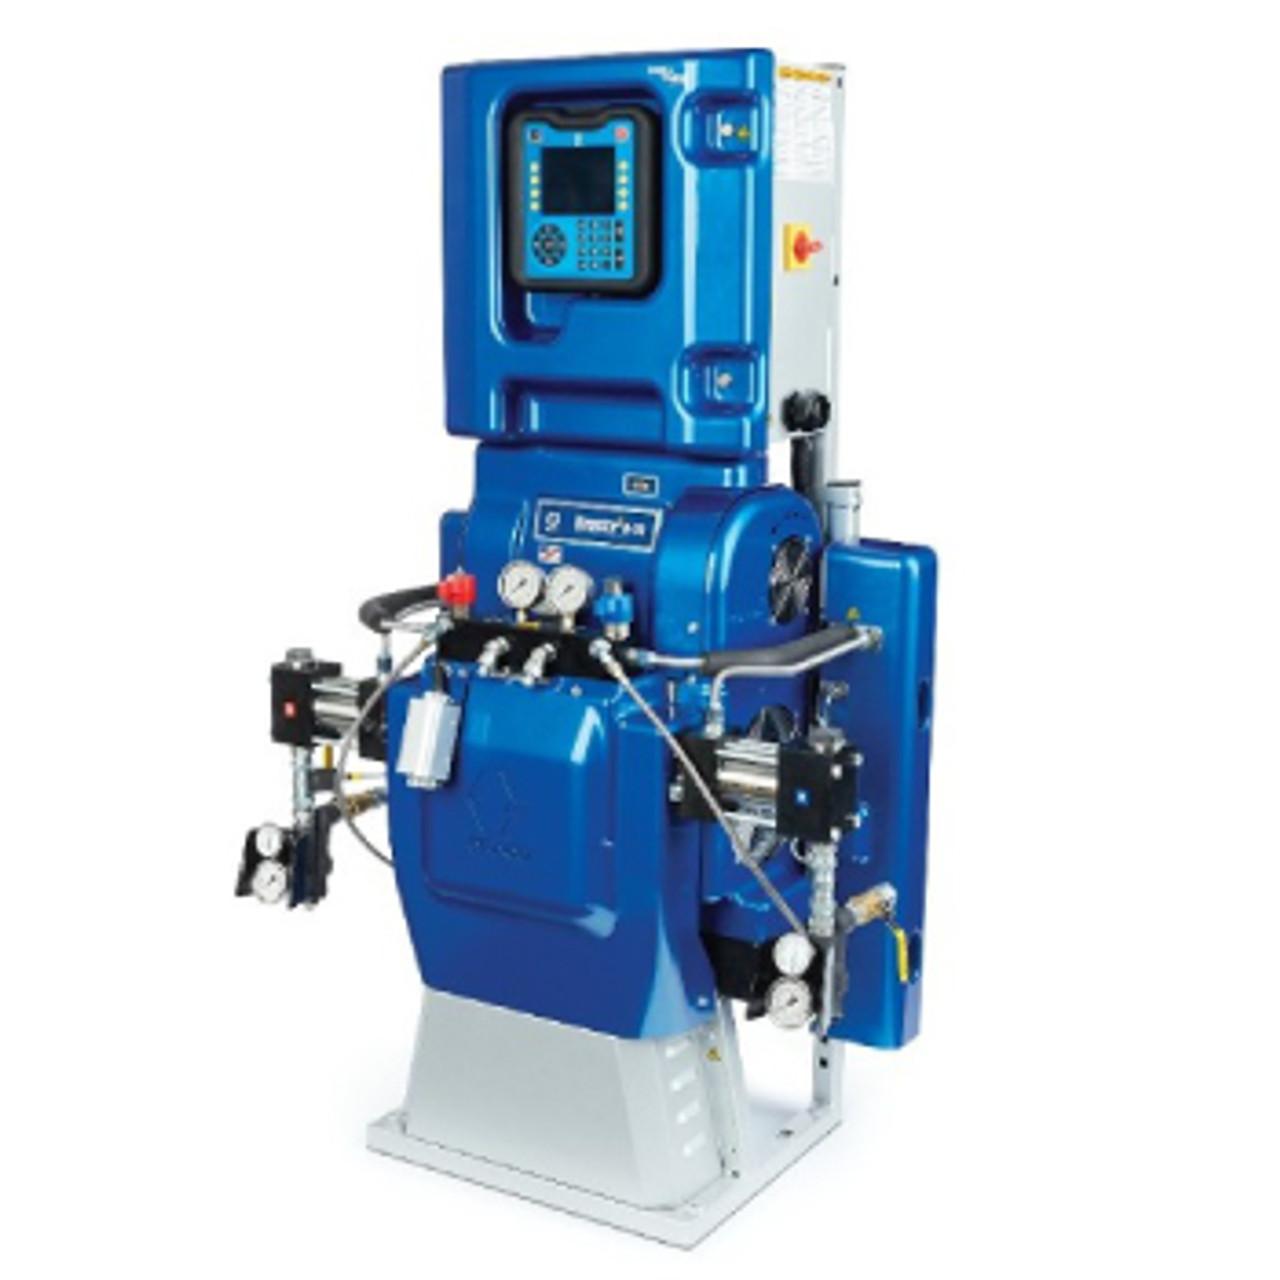 Graco Hydraulic Reactor 2 H-40